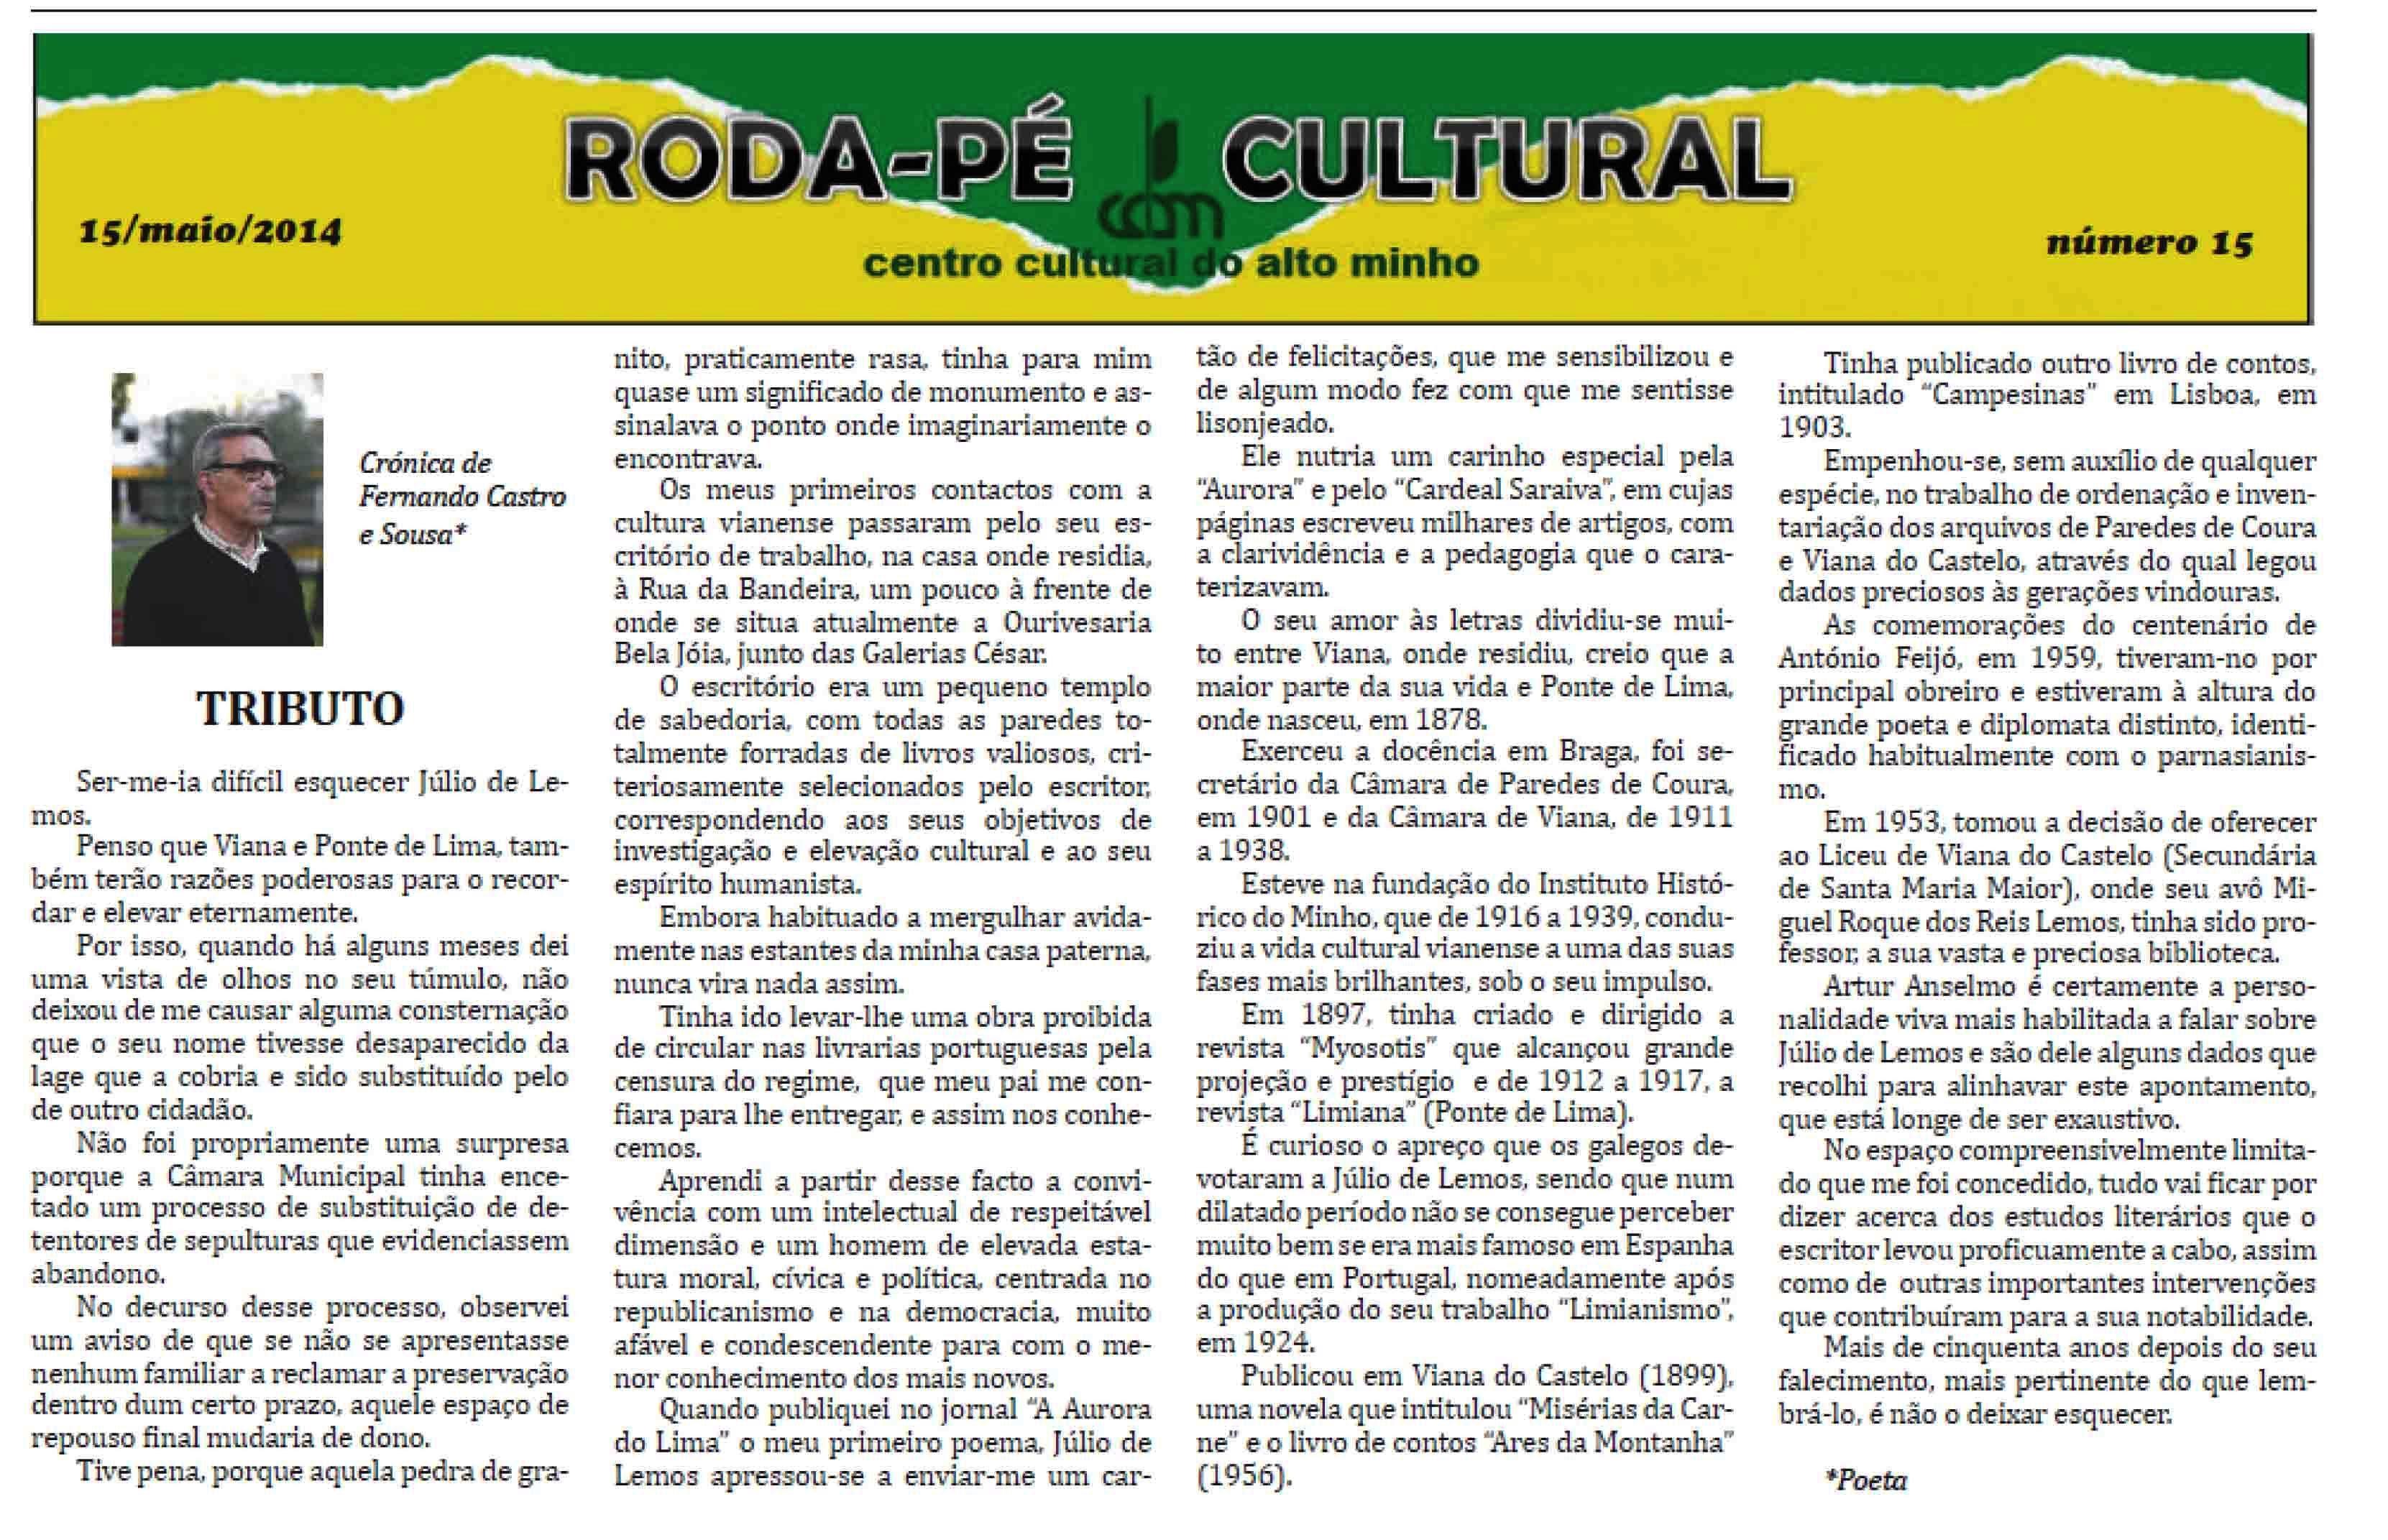 https://sites.google.com/a/centroculturaldoaltominho.org/ccam/actividades-realizadas/2014/Roda_P%C3%A9_15.jpg